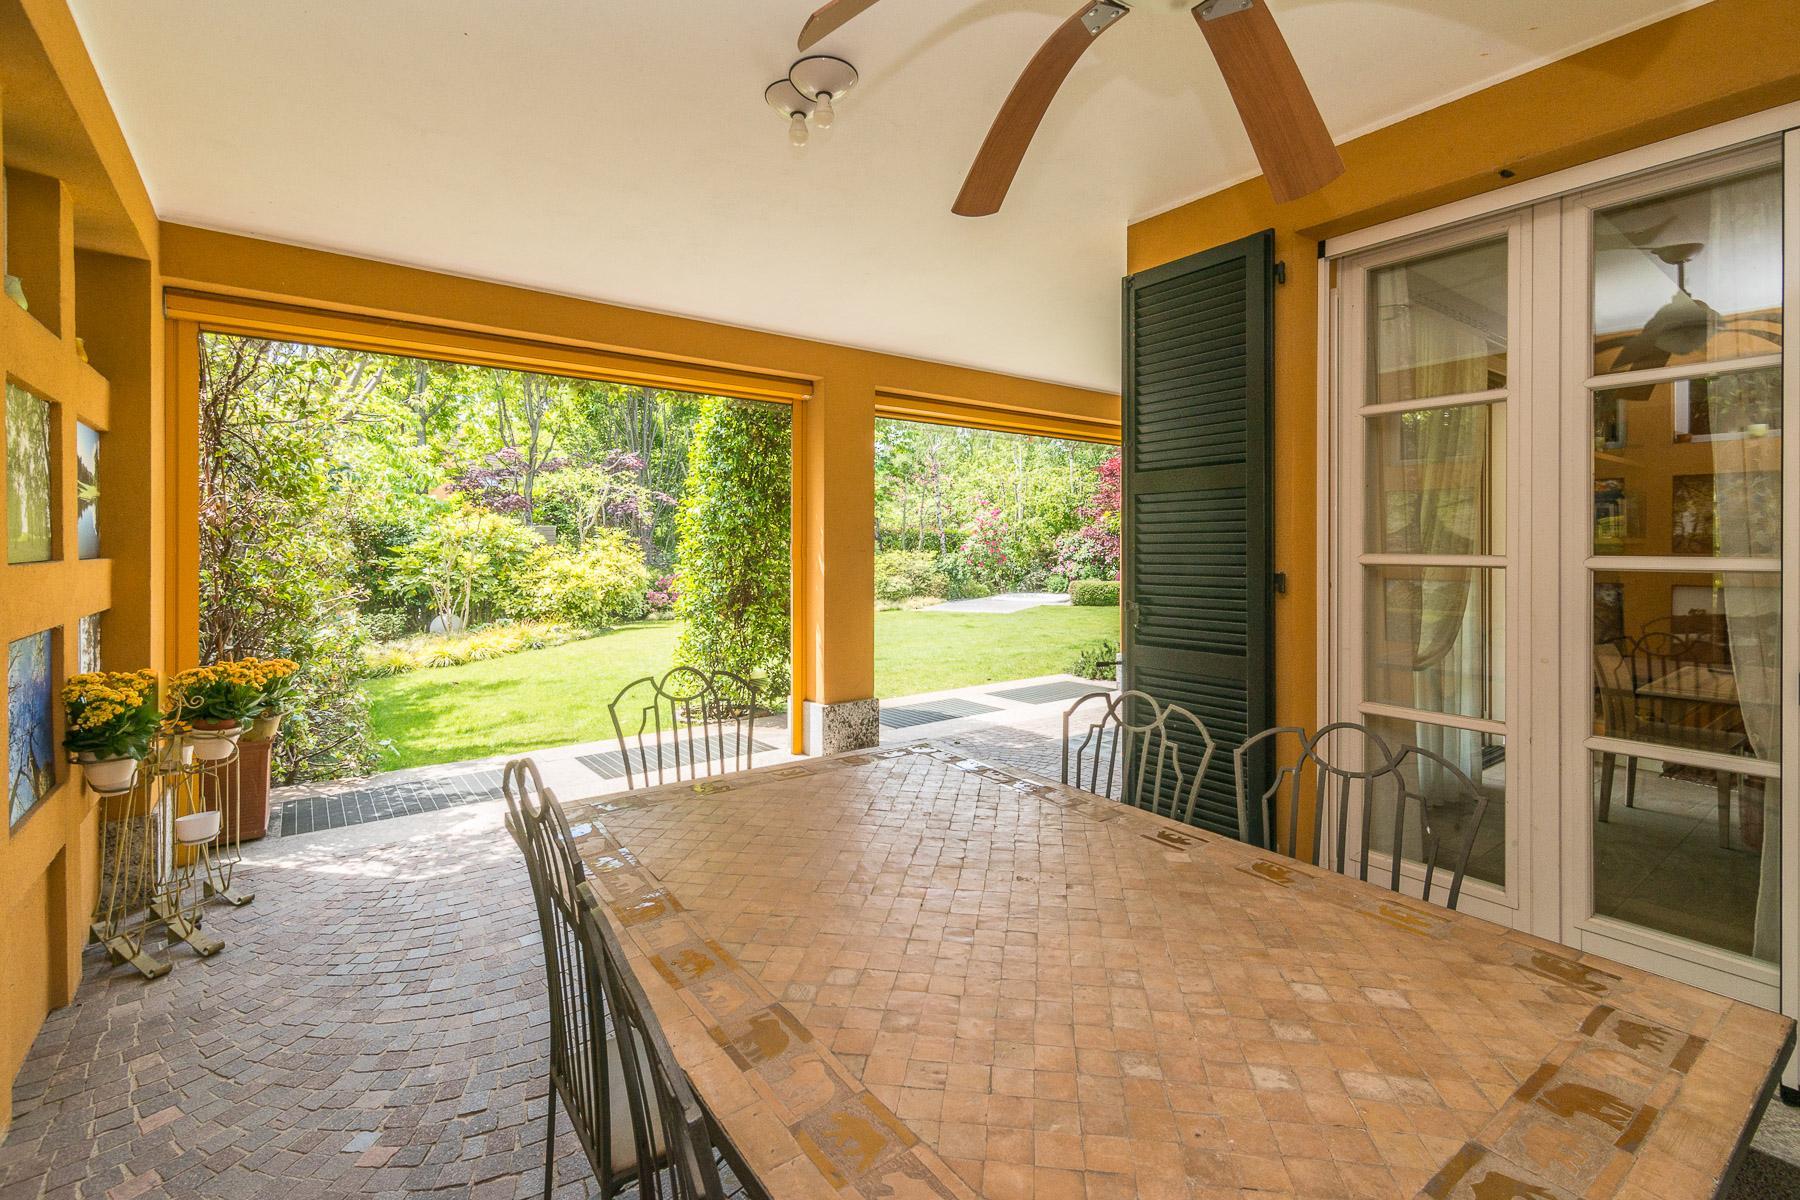 Golf Club de Castelconturbia, maison individuelle de 300 m² avec jardin de 1500 m² et jacuzzi - 9